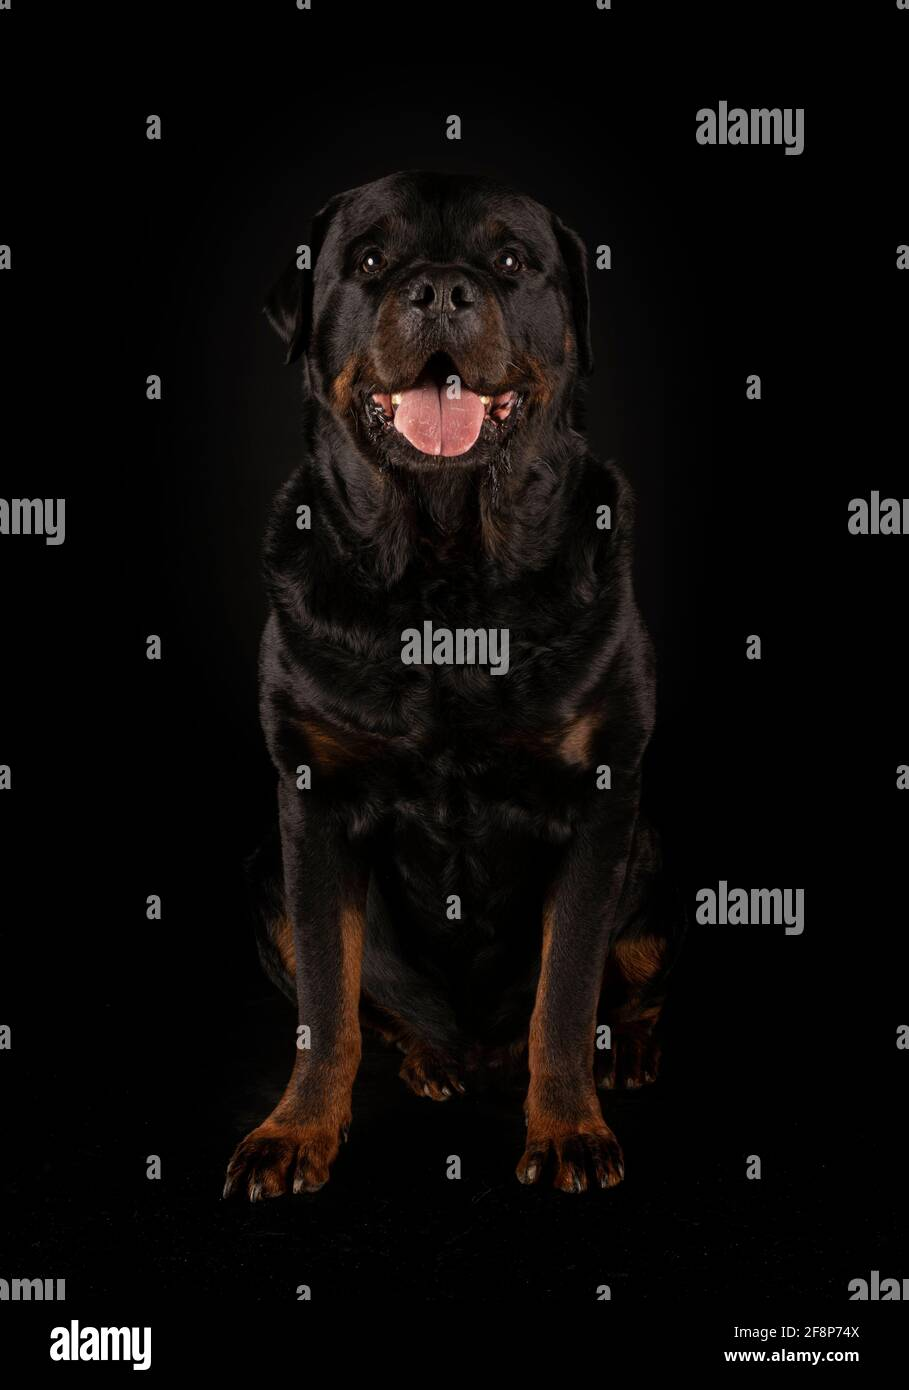 Di razza Rottweiler davanti a sfondo nero Foto Stock